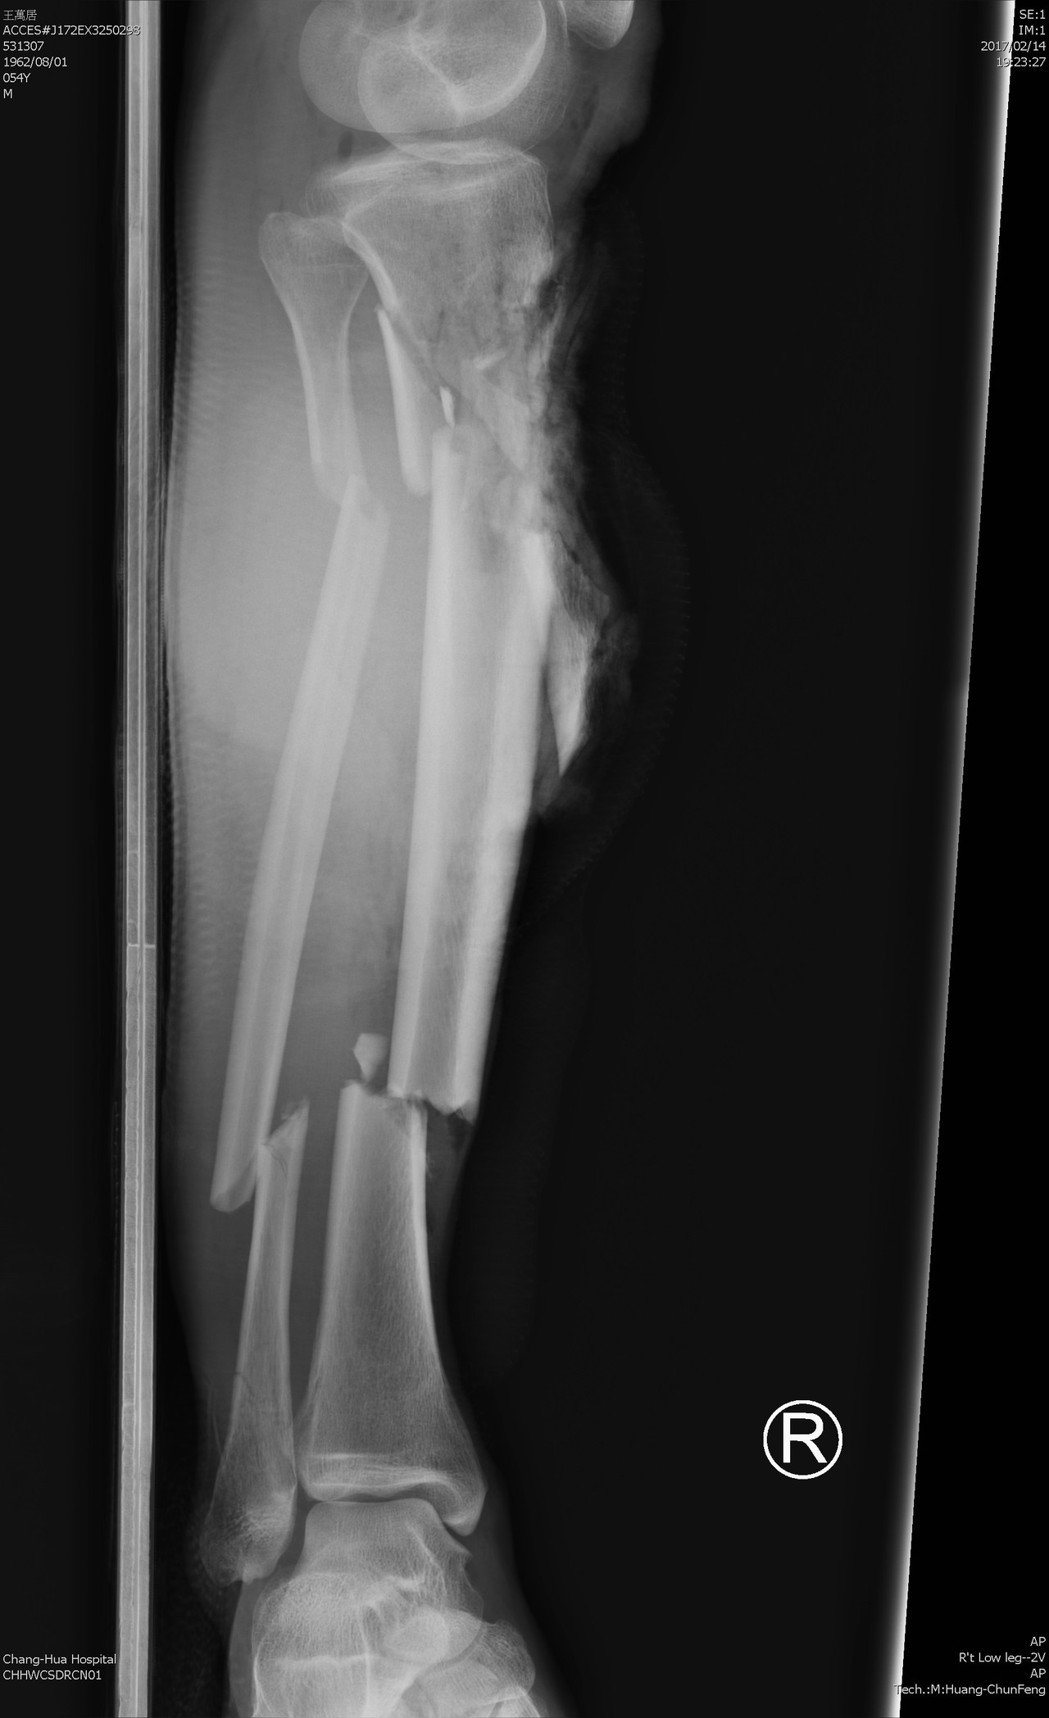 王先生日前被機車撞到骨頭斷6截,差點要截肢。圖/彰化醫院提供